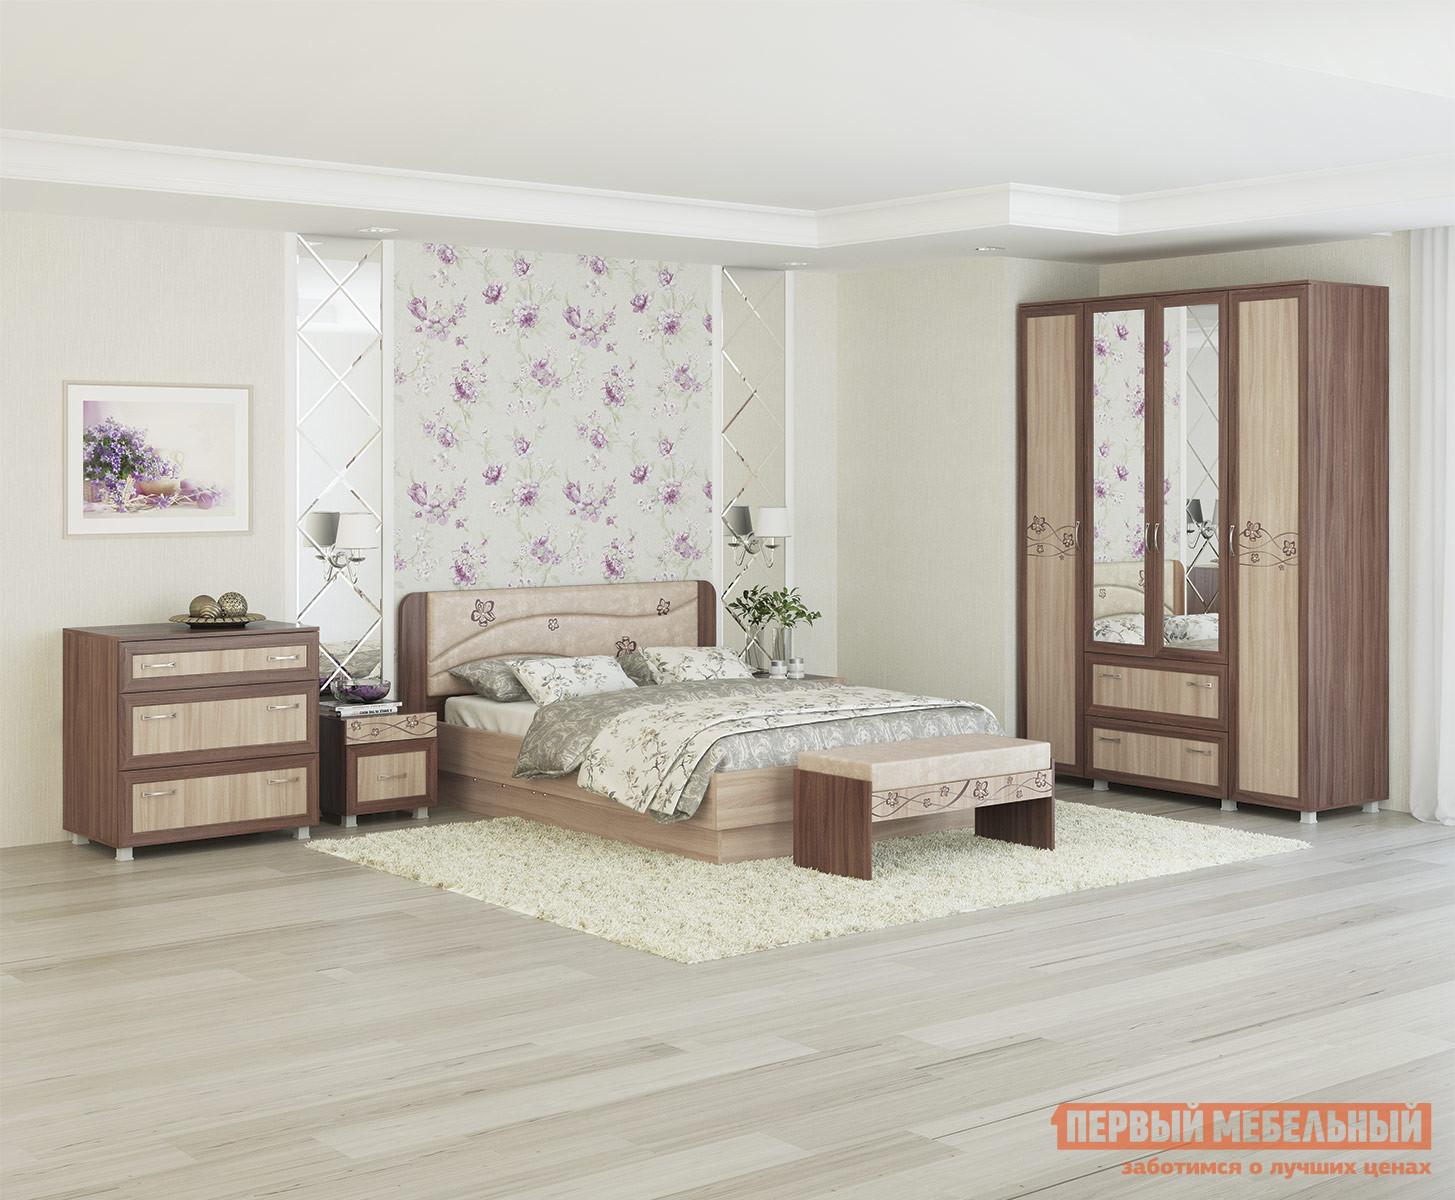 Комплект мебели для спальни МСТ Сальвия К1 комплект детской мебели трия аватар лайм к1